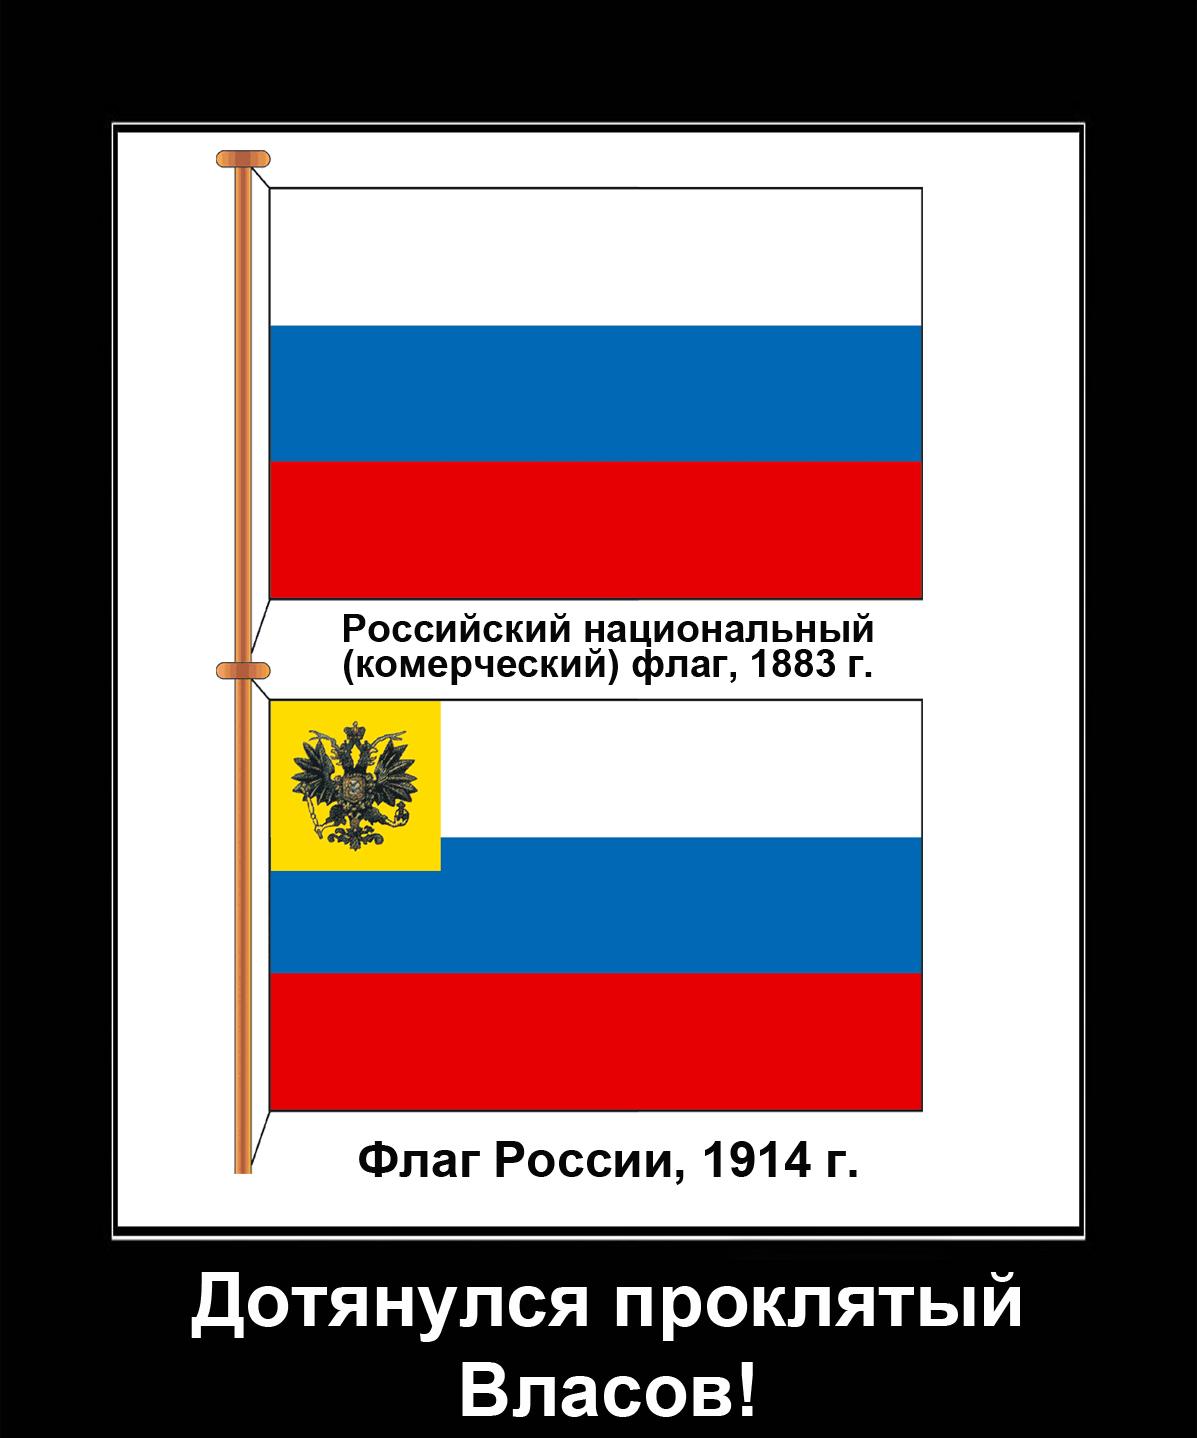 На выдворение bloodhound gang из россии